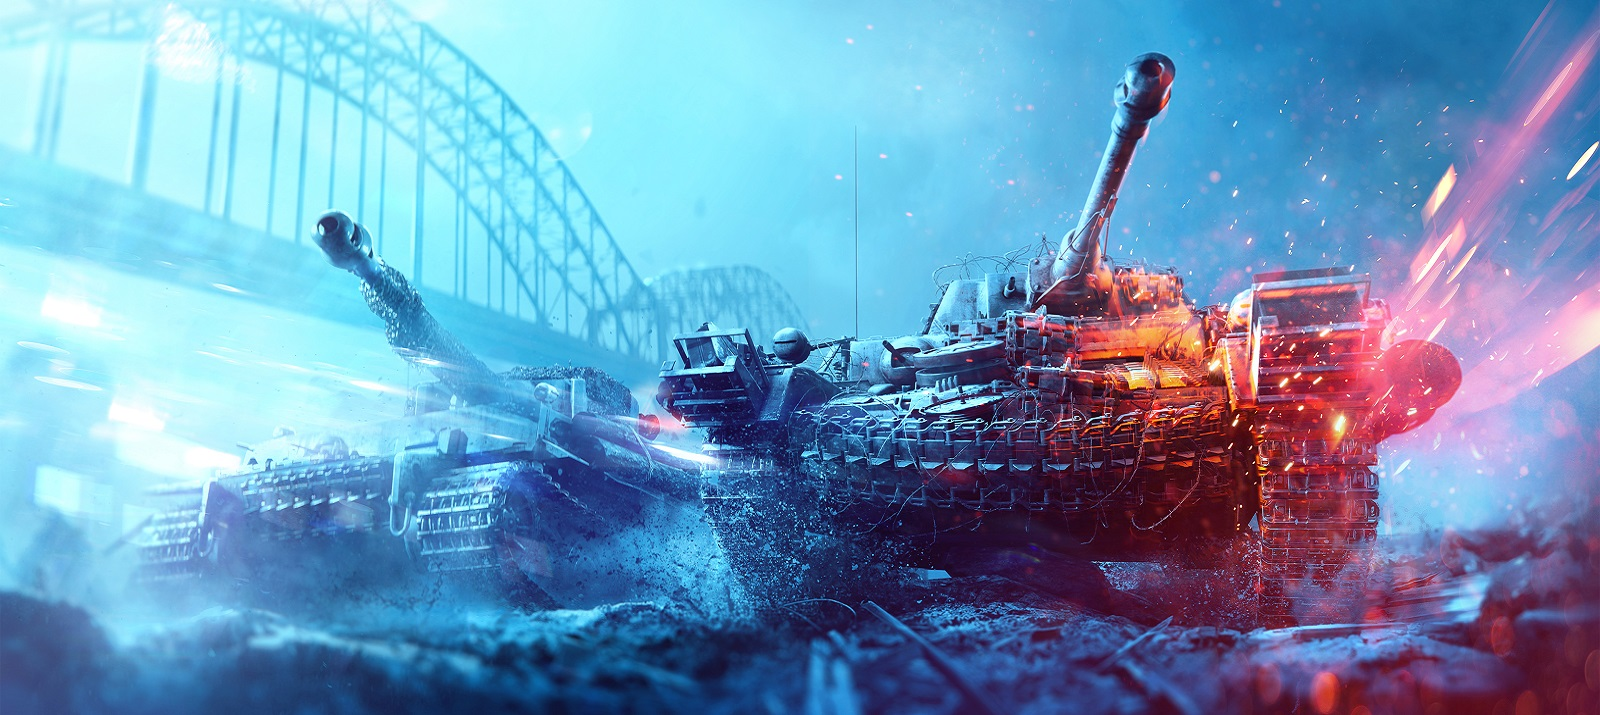 Ярко, но скучно: обзор Battlefield 5